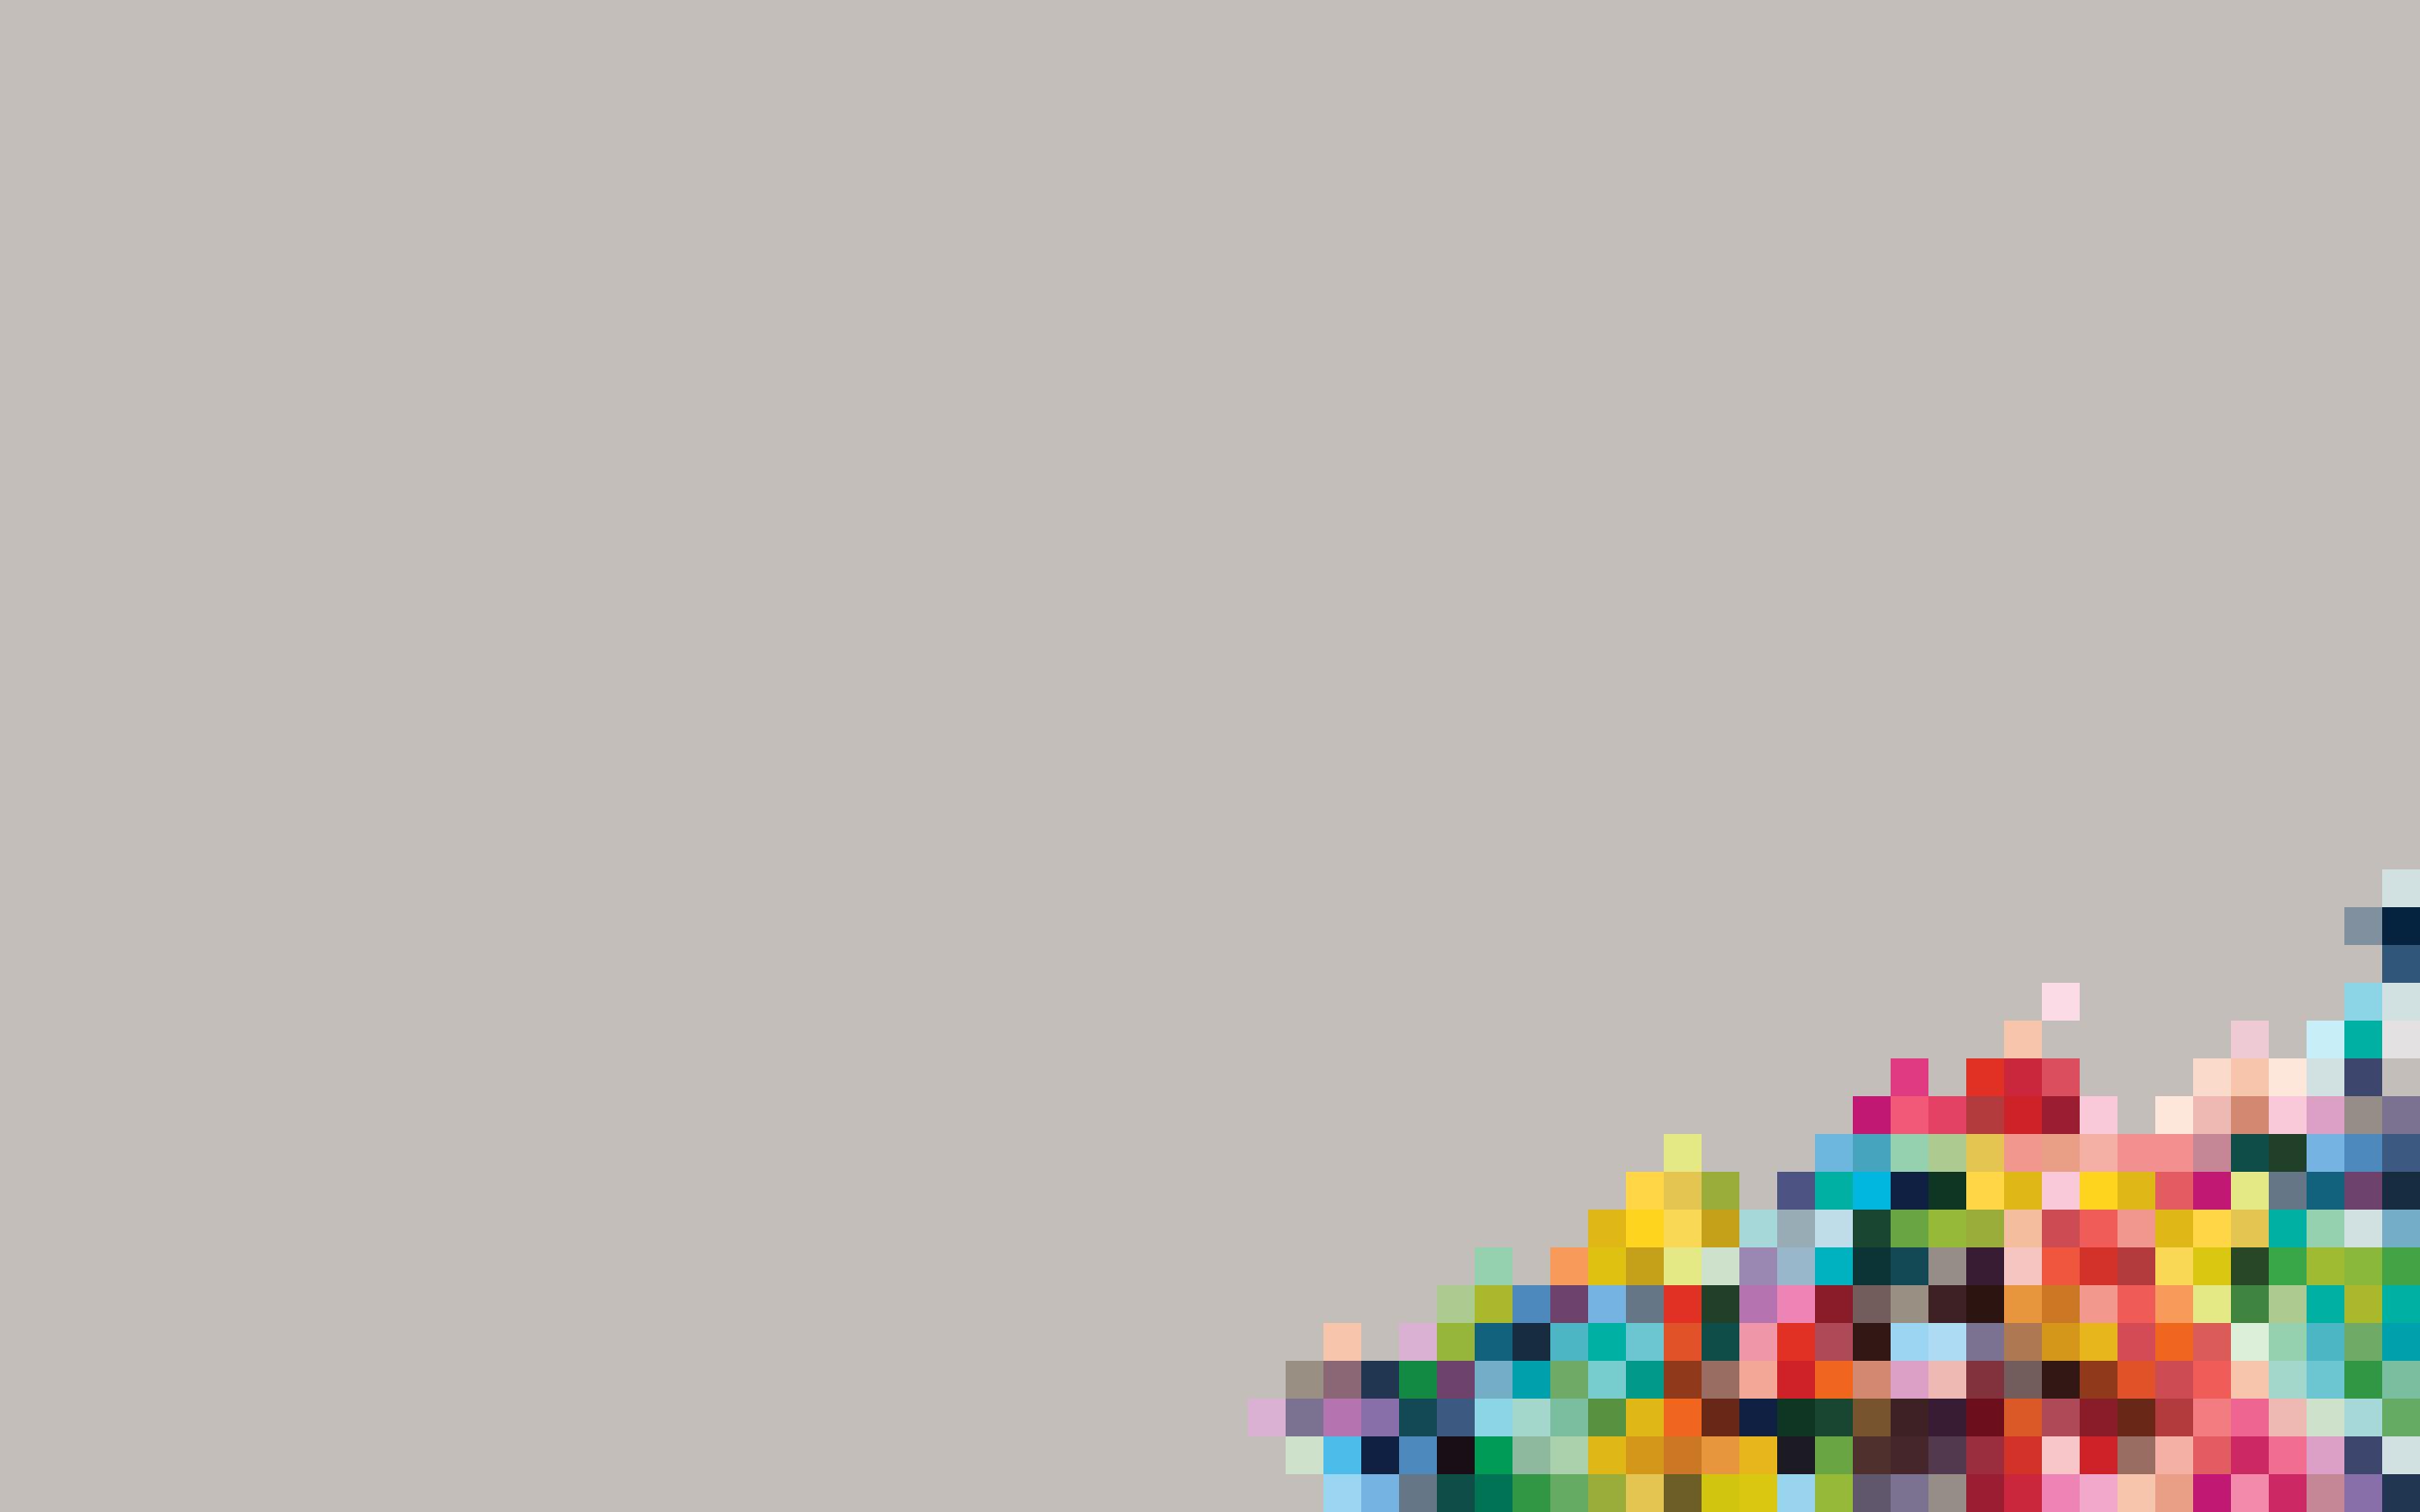 Pixel Wallpaper - WallpaperSafari